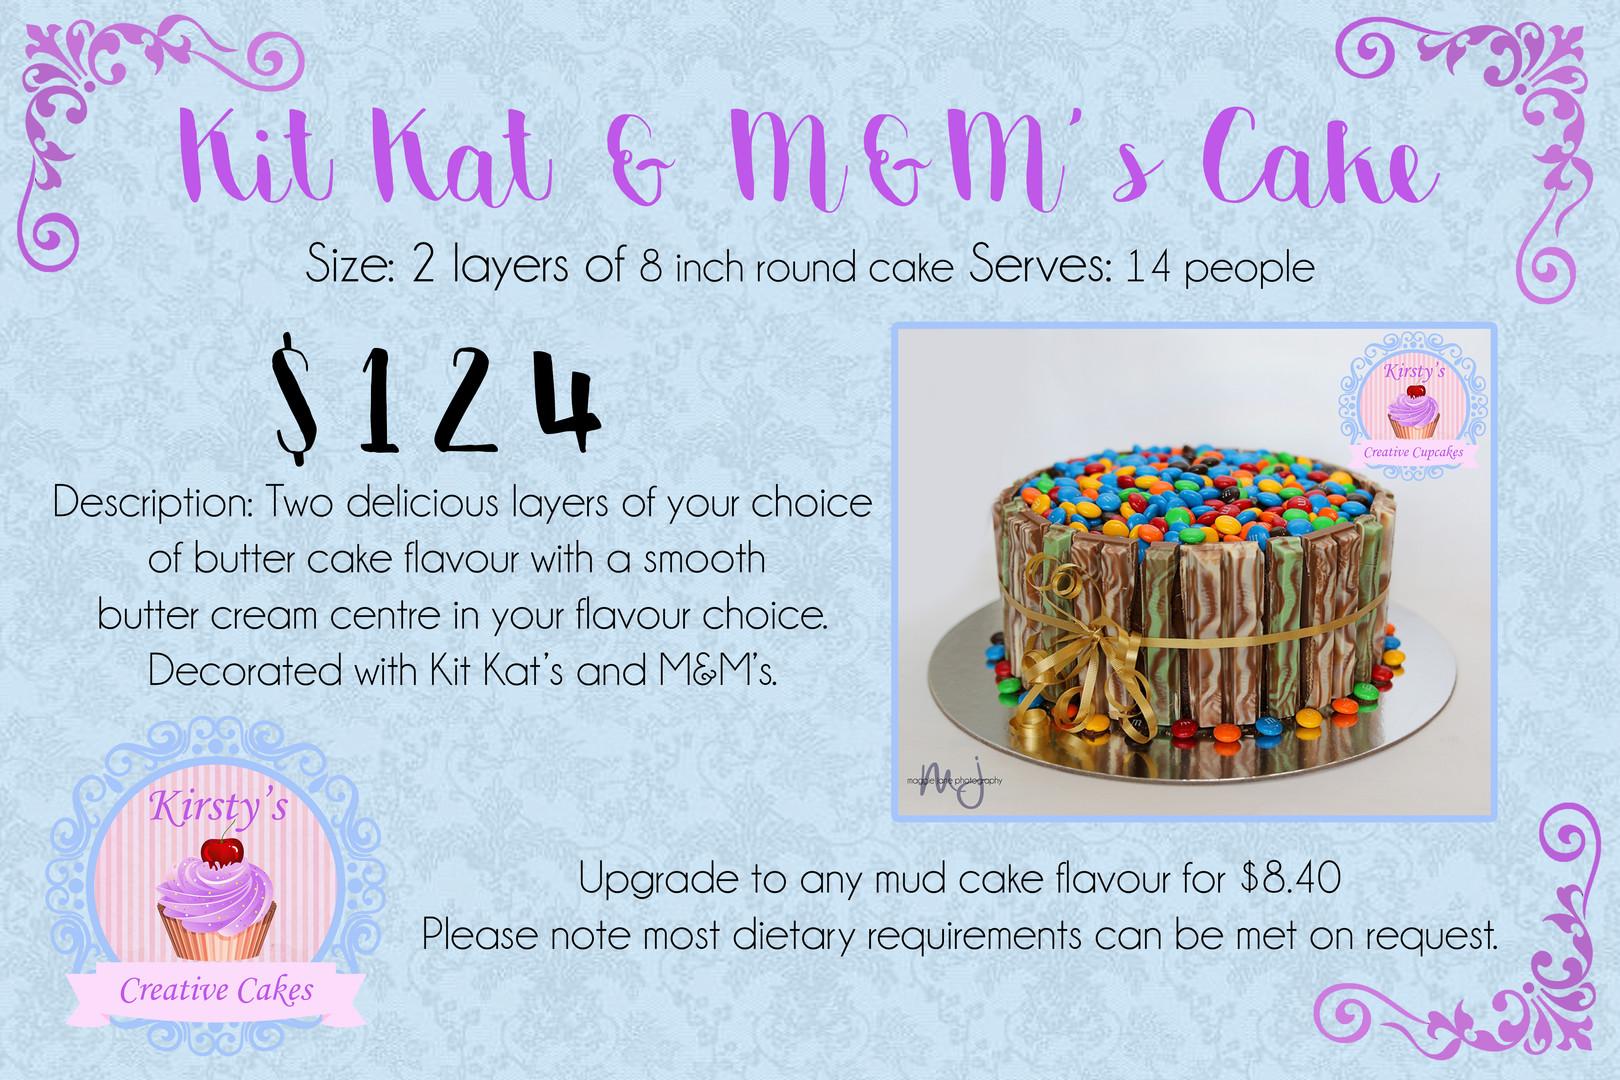 Kit Kat & M&M's